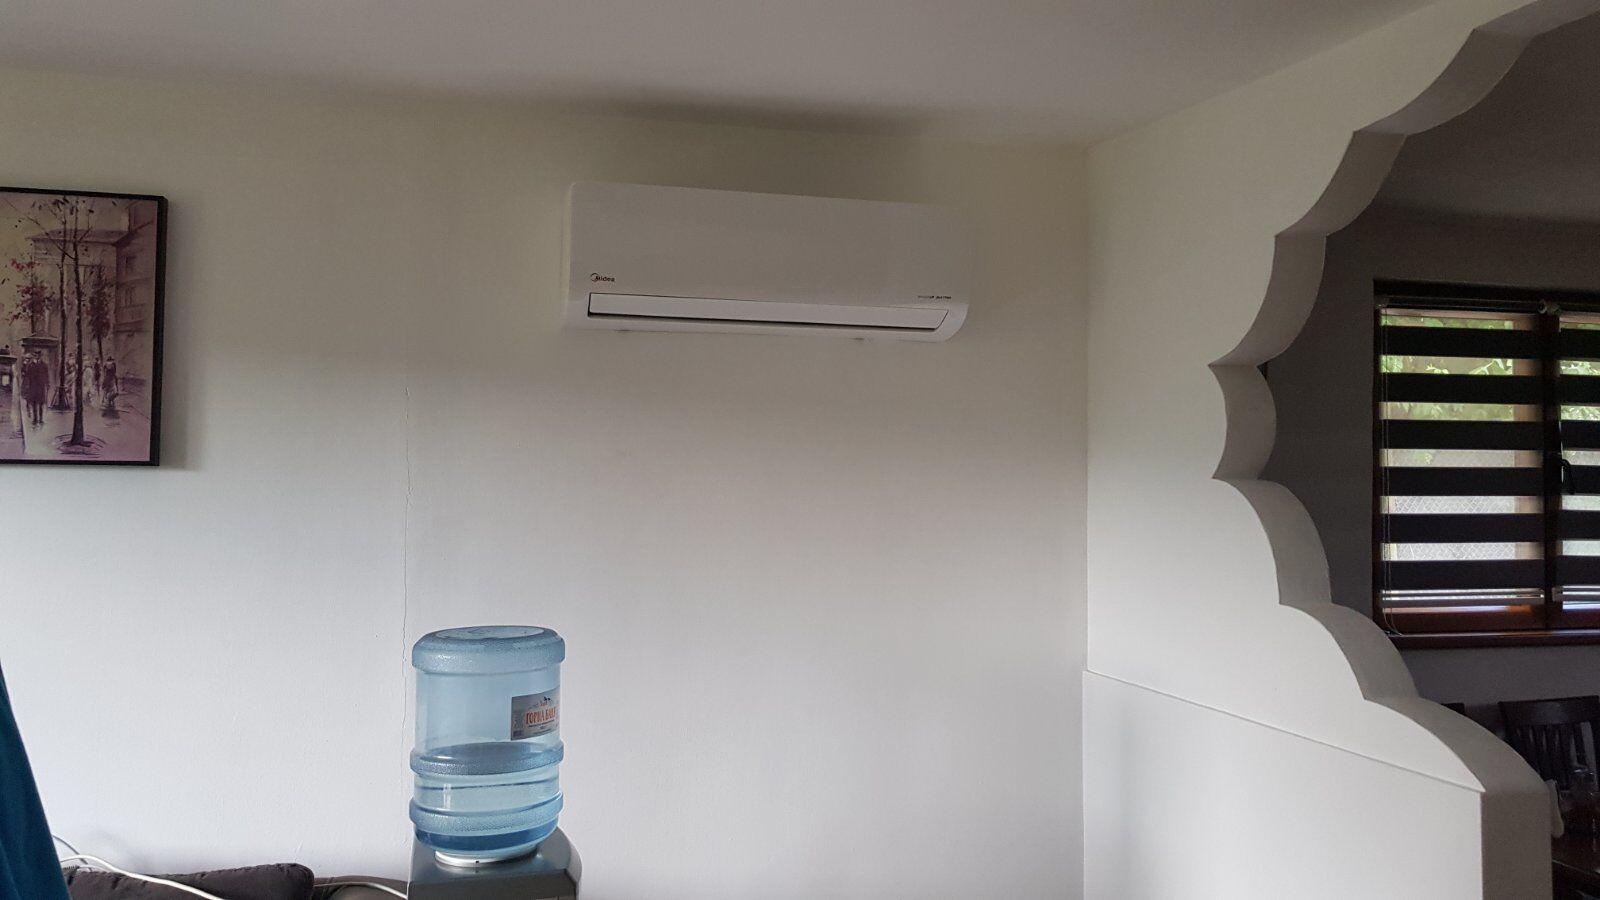 Монтаж климатик midea Xtreme Save Lite AG-18NXD0-I 18000 BTU